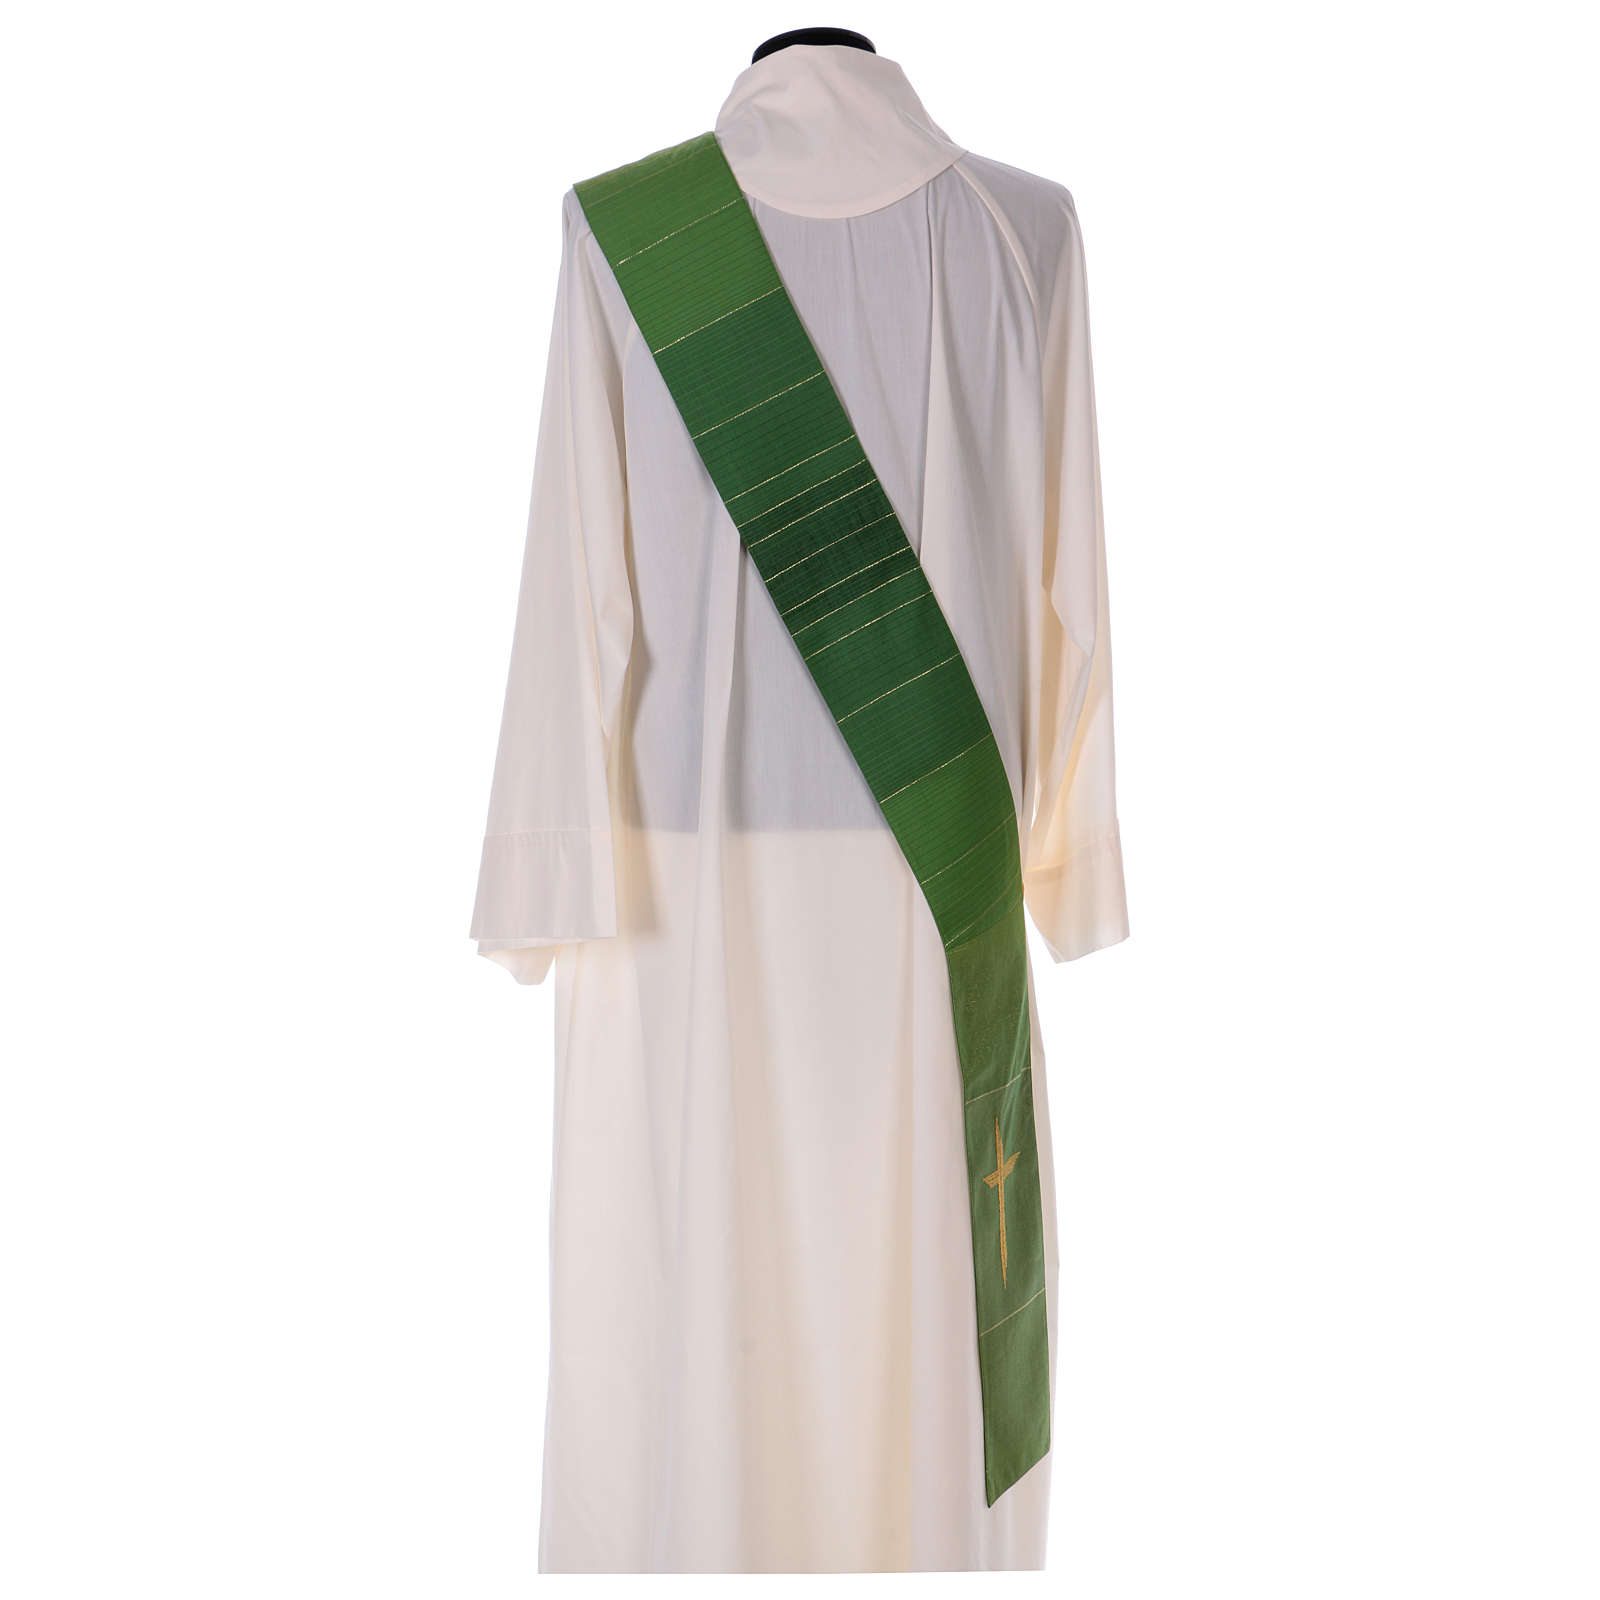 Étole diaconale 85% laine 15% lurex croix dorée 4